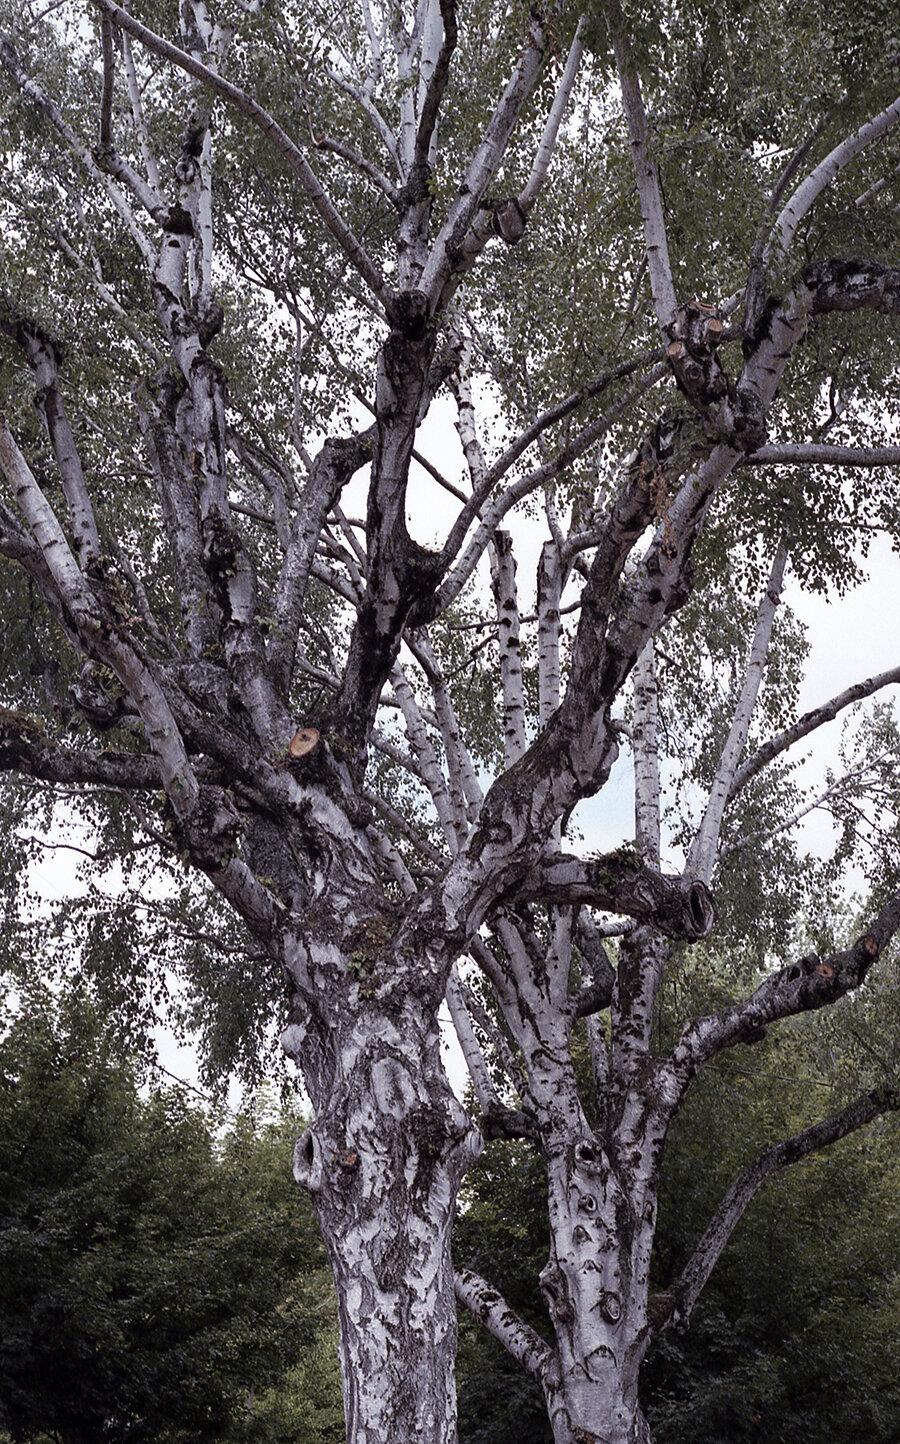 whitetrees_august2019_mattschu.jpg